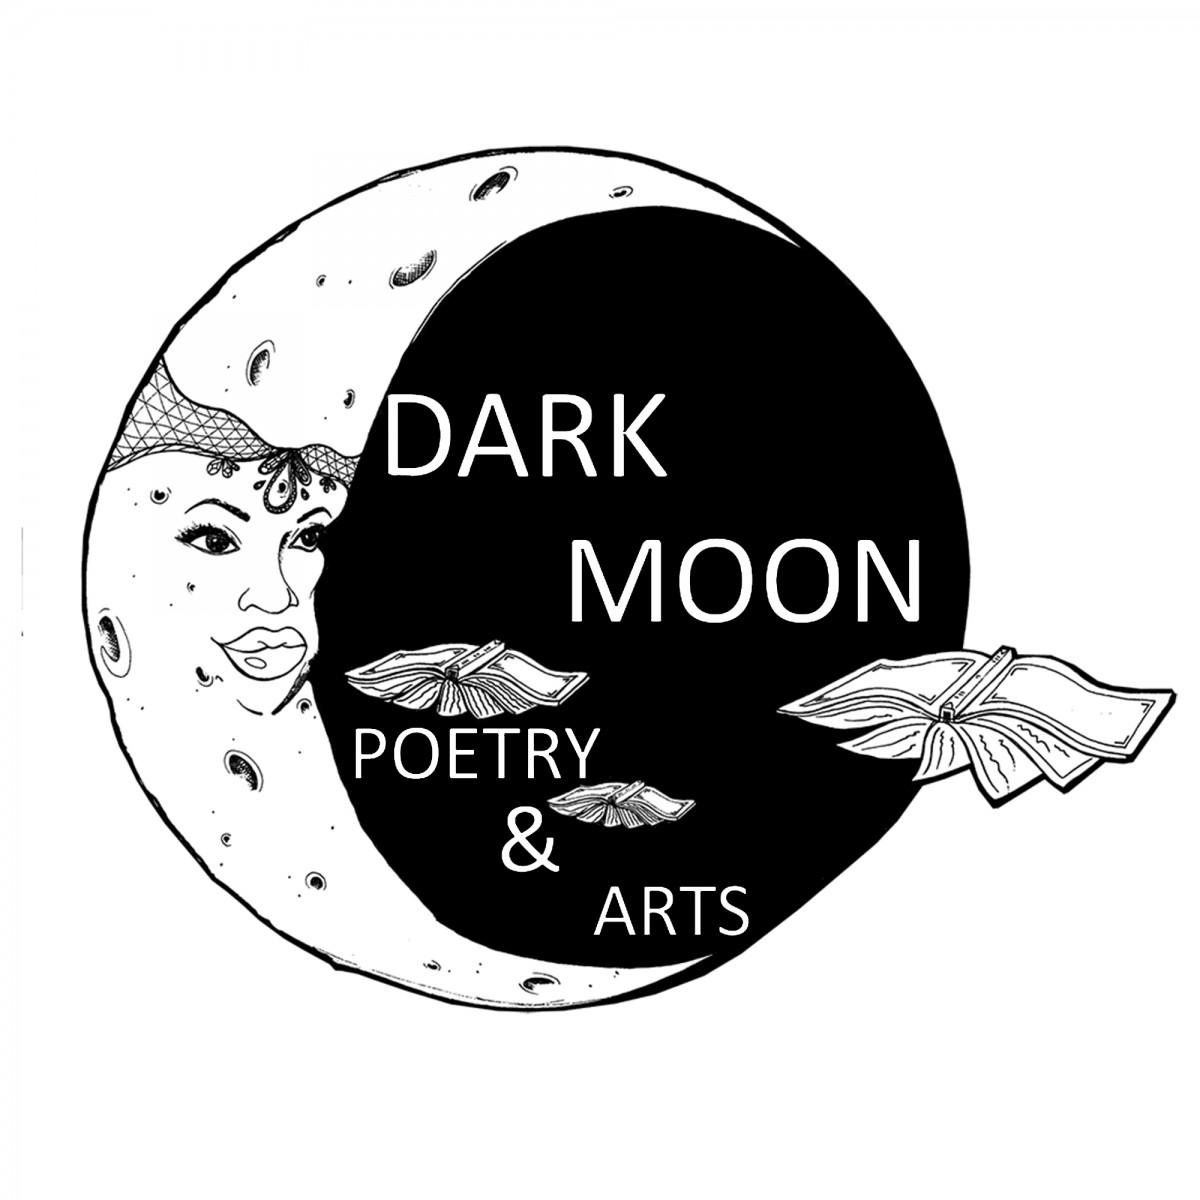 Dark Moon Poetry & Arts | Art&Seek | Arts, Music, Culture